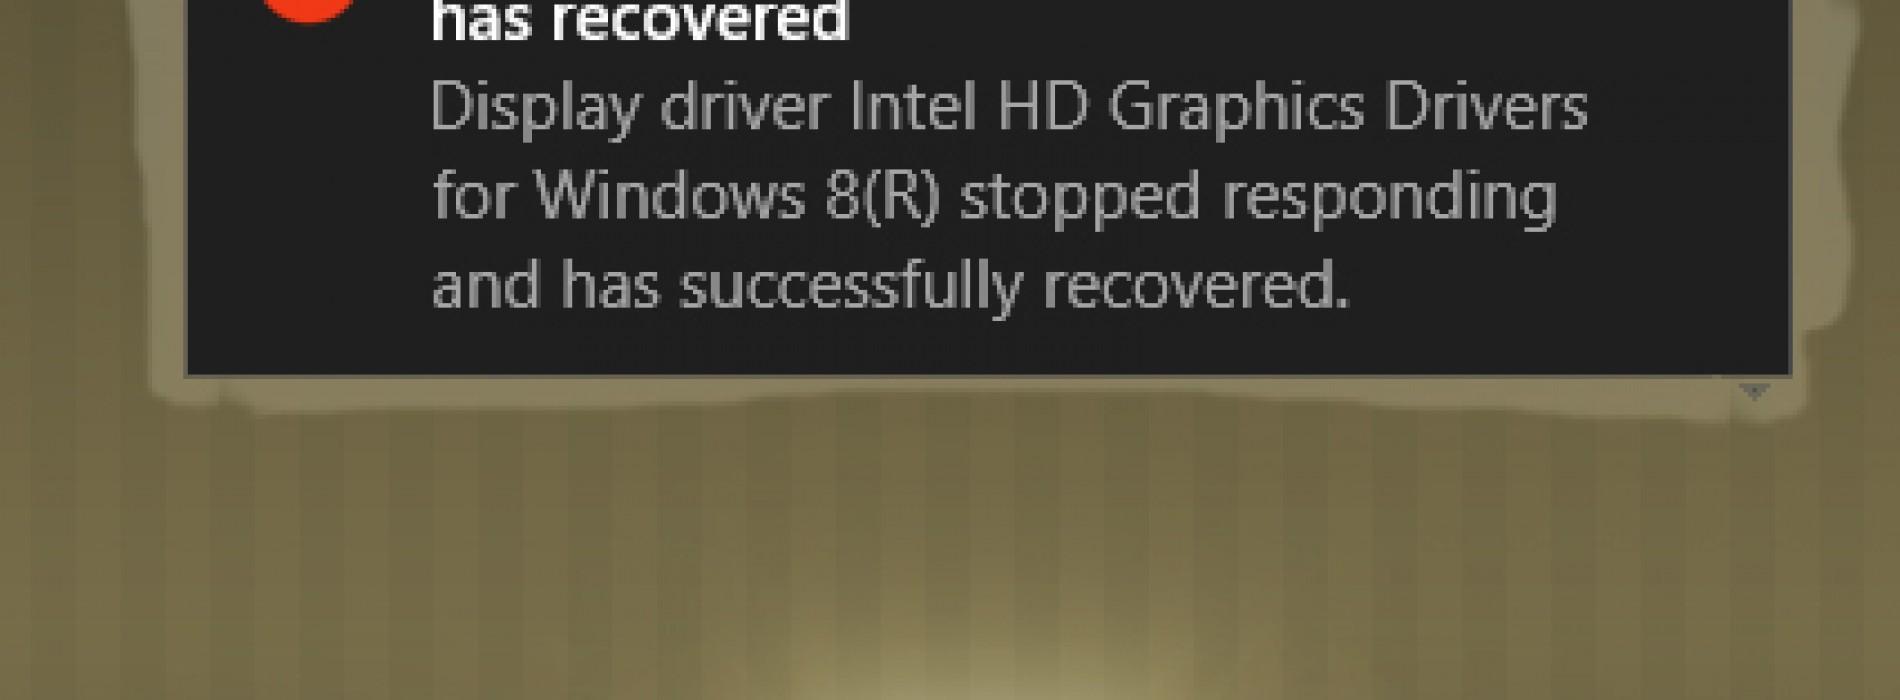 حل مشكلة توقف كرت الشاشة المفاجئ display driver stopped responding